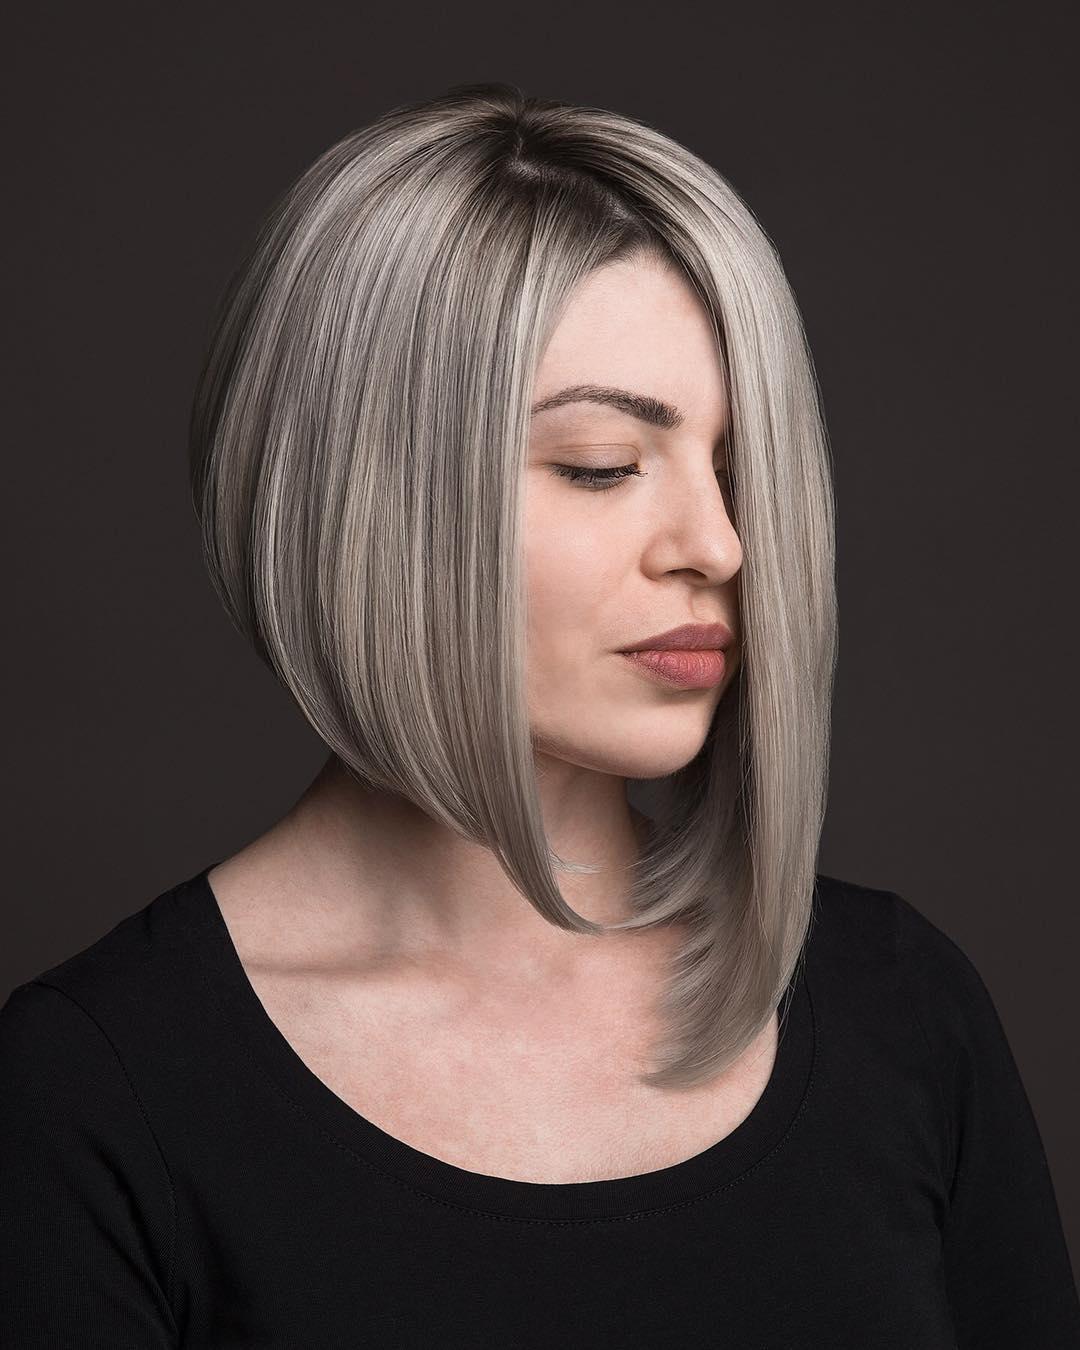 Bob Frisuren Mittellange Haare Bob Haarschnitt für mittleres Haar Das Modellieren einer kreativen Frisur für mittlere Länge ist meistens die Wahl derer, die Standardmodelle loswerden möchten. Sie verändert den Stil radikal, erfrischt das Bild, fügt Raffinesse und Eleganz hinzu. Gleichzeitig können Sie die gewünschte Länge der Stränge beibehalten. Diese Länge wird für dickes Haar empfohlen.